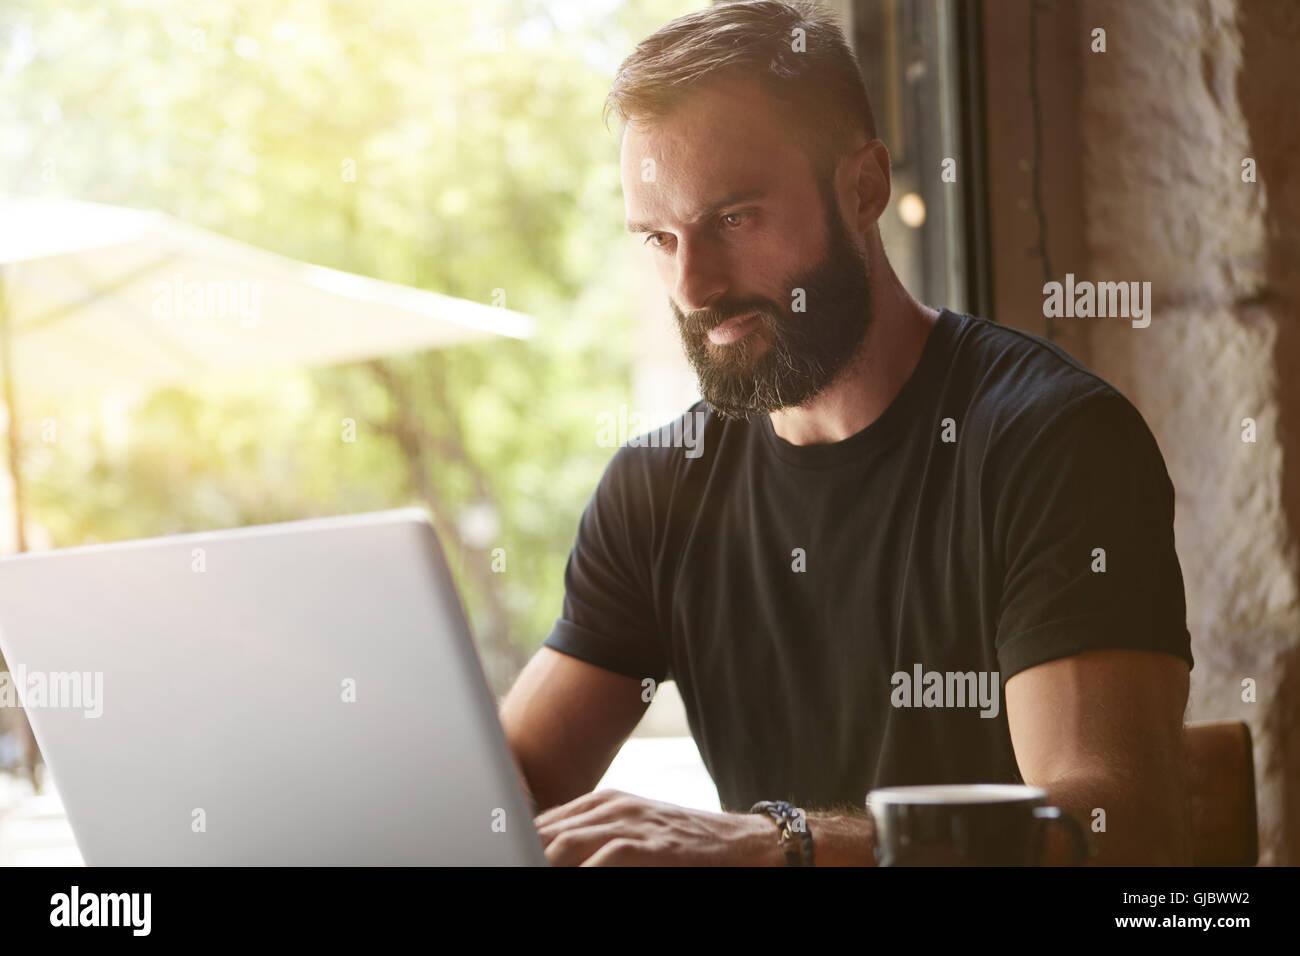 Homme barbu vêtu de noir concentré de travail Table bois portable Tshirt Urban Cafe.Jeune Manager Portable Photo Stock